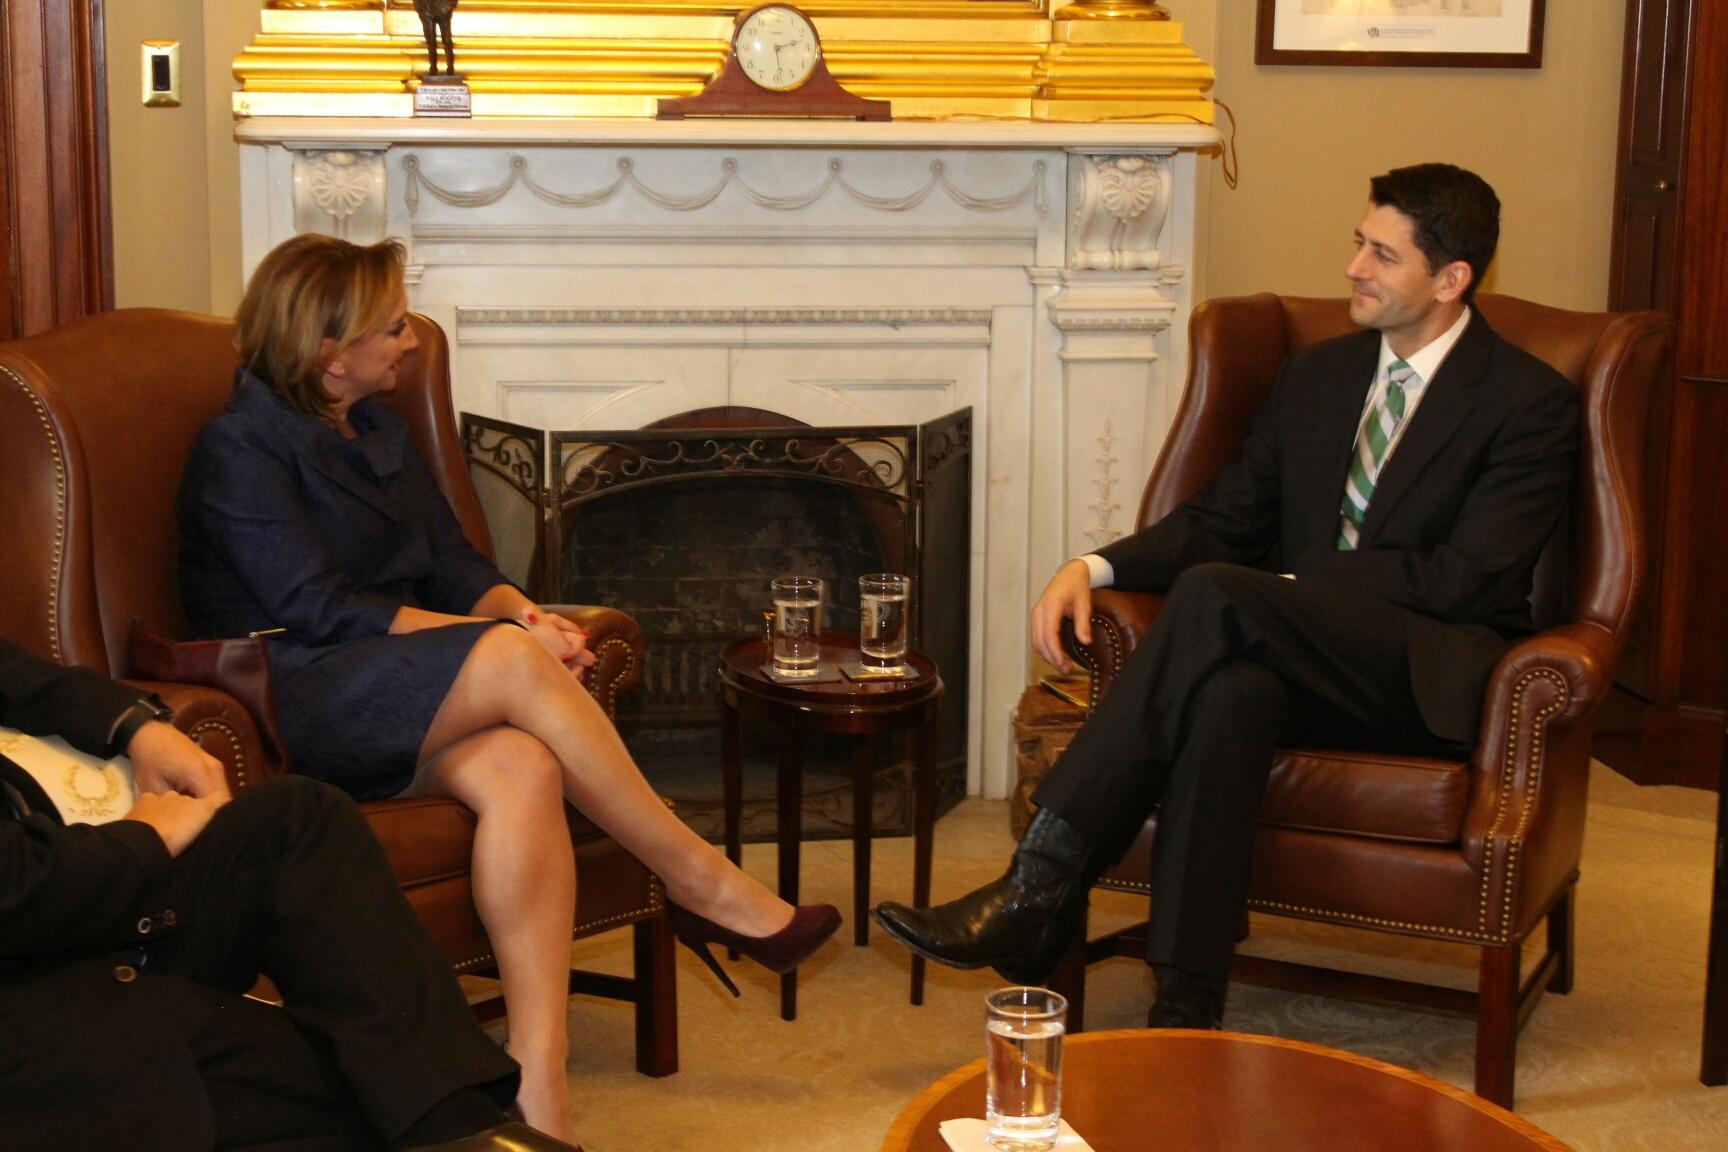 La Canciller y el Presidente de la Cámara de Representantes de EUA, Paul Ryan.